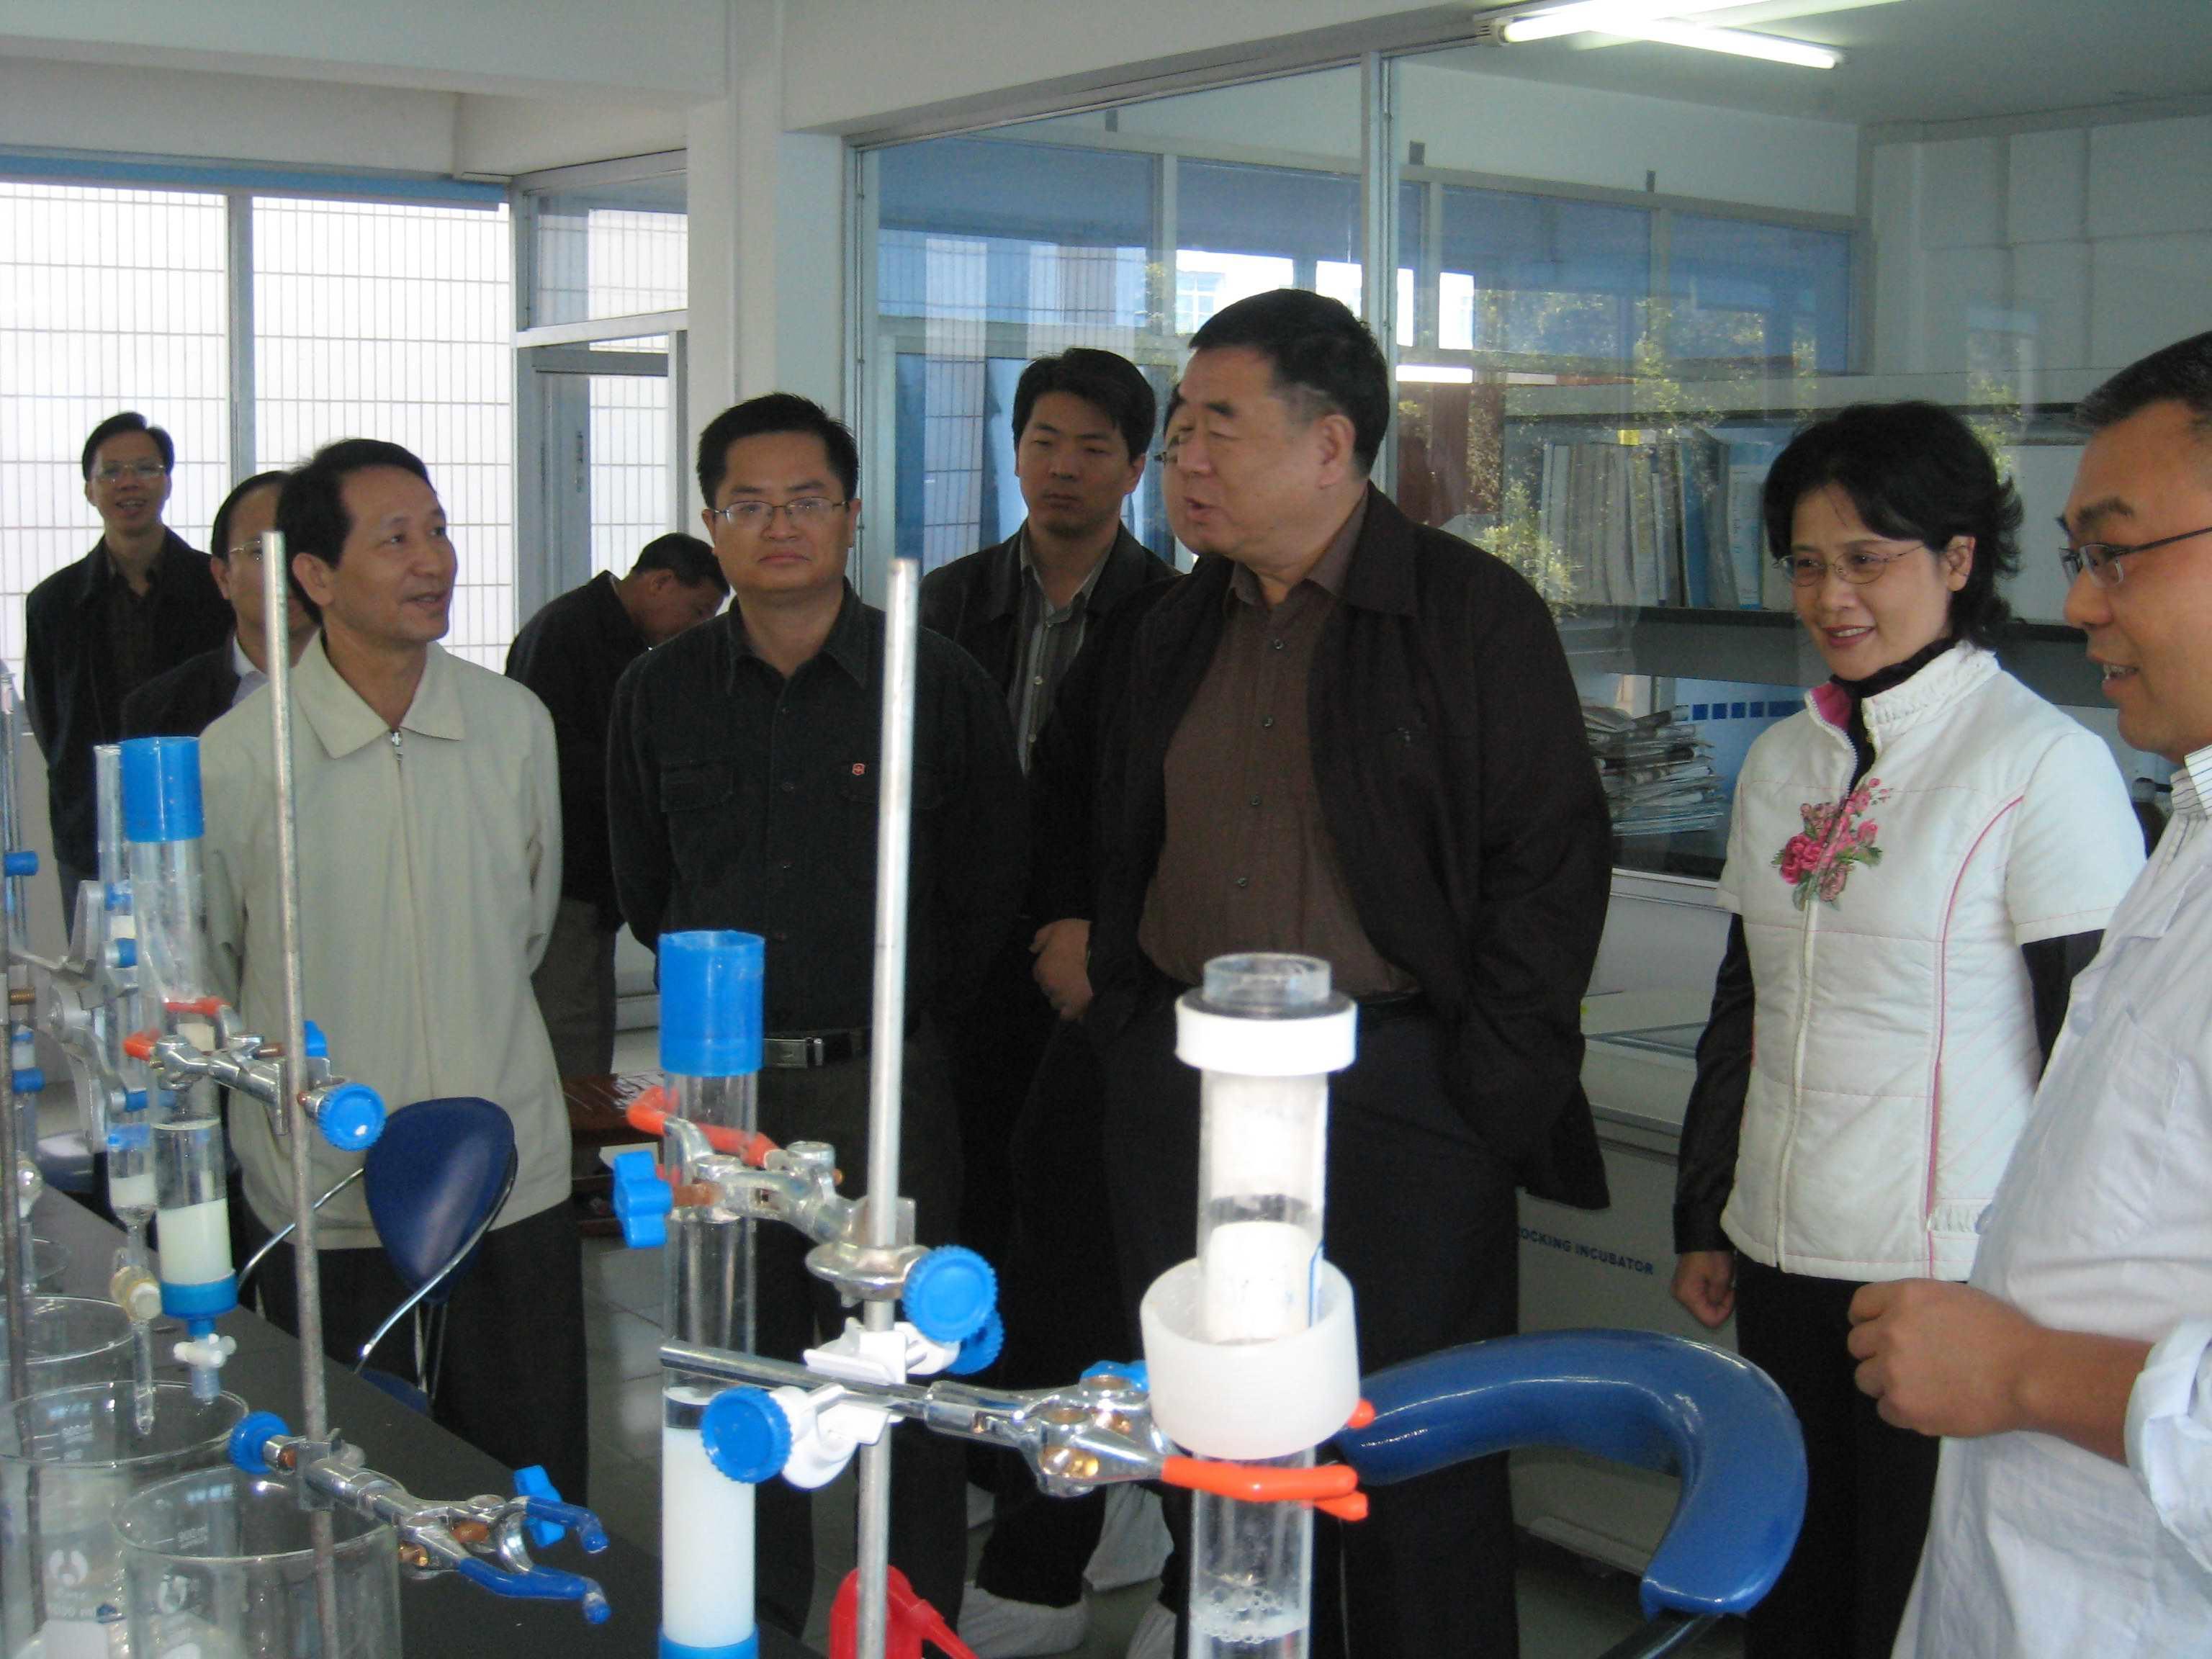 2007.11.27自治区政协主席马庆生视察我所的生物抗体实验室